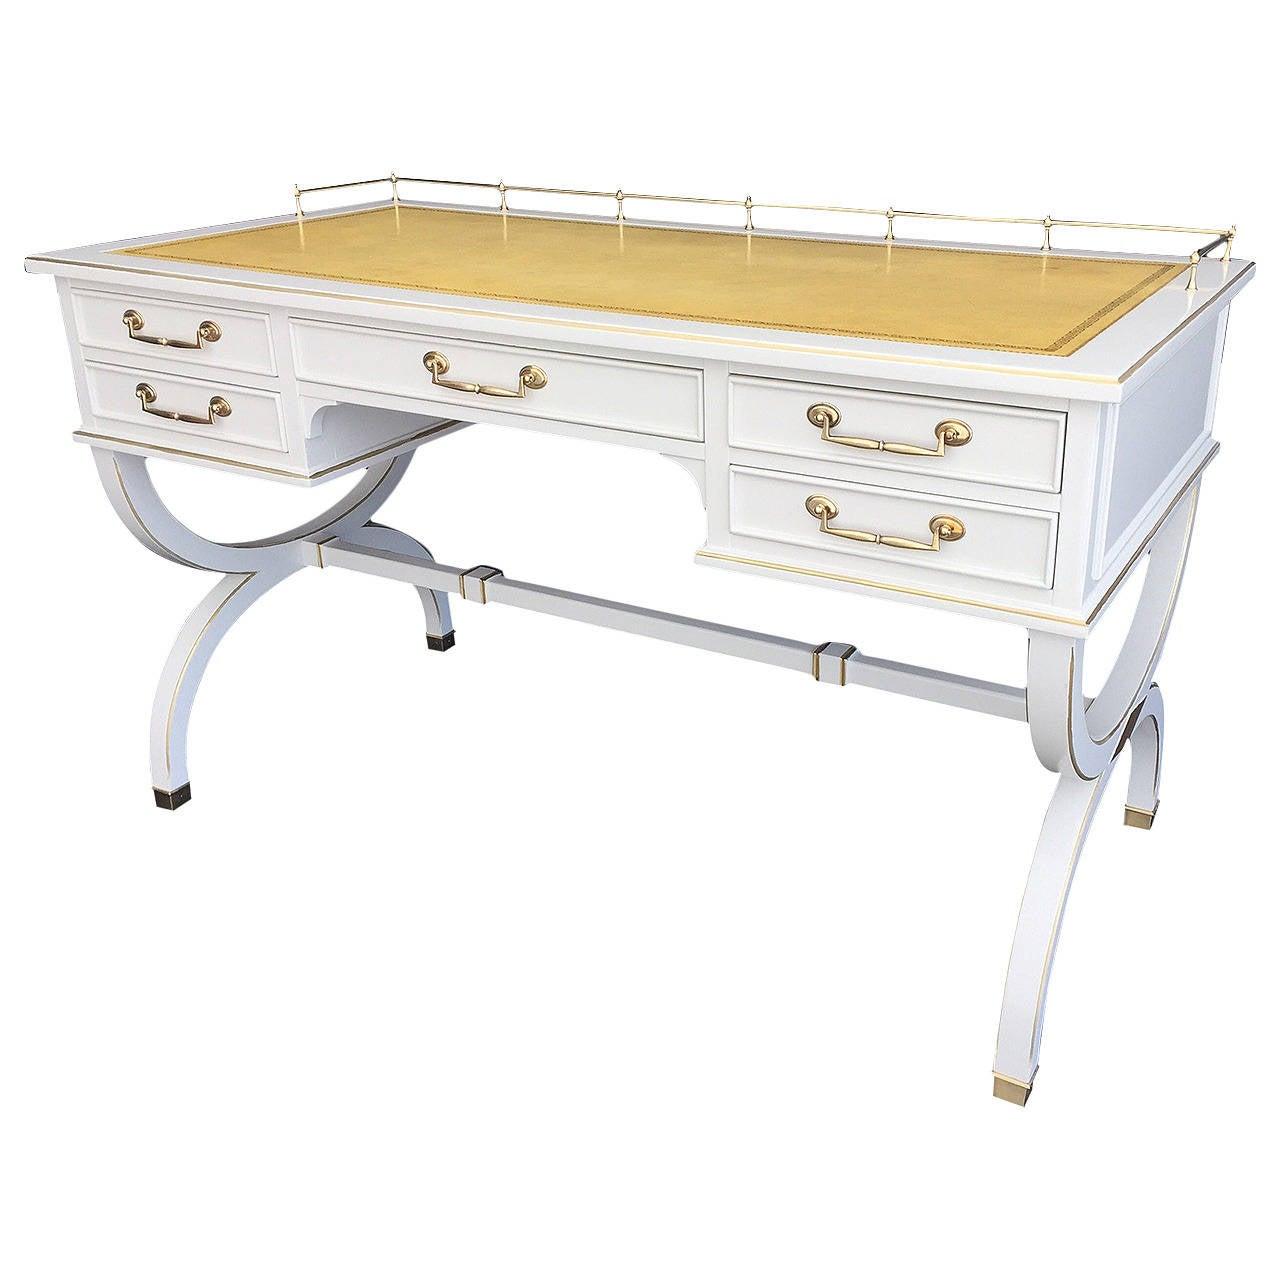 Charming Hollywood Regency Desk For